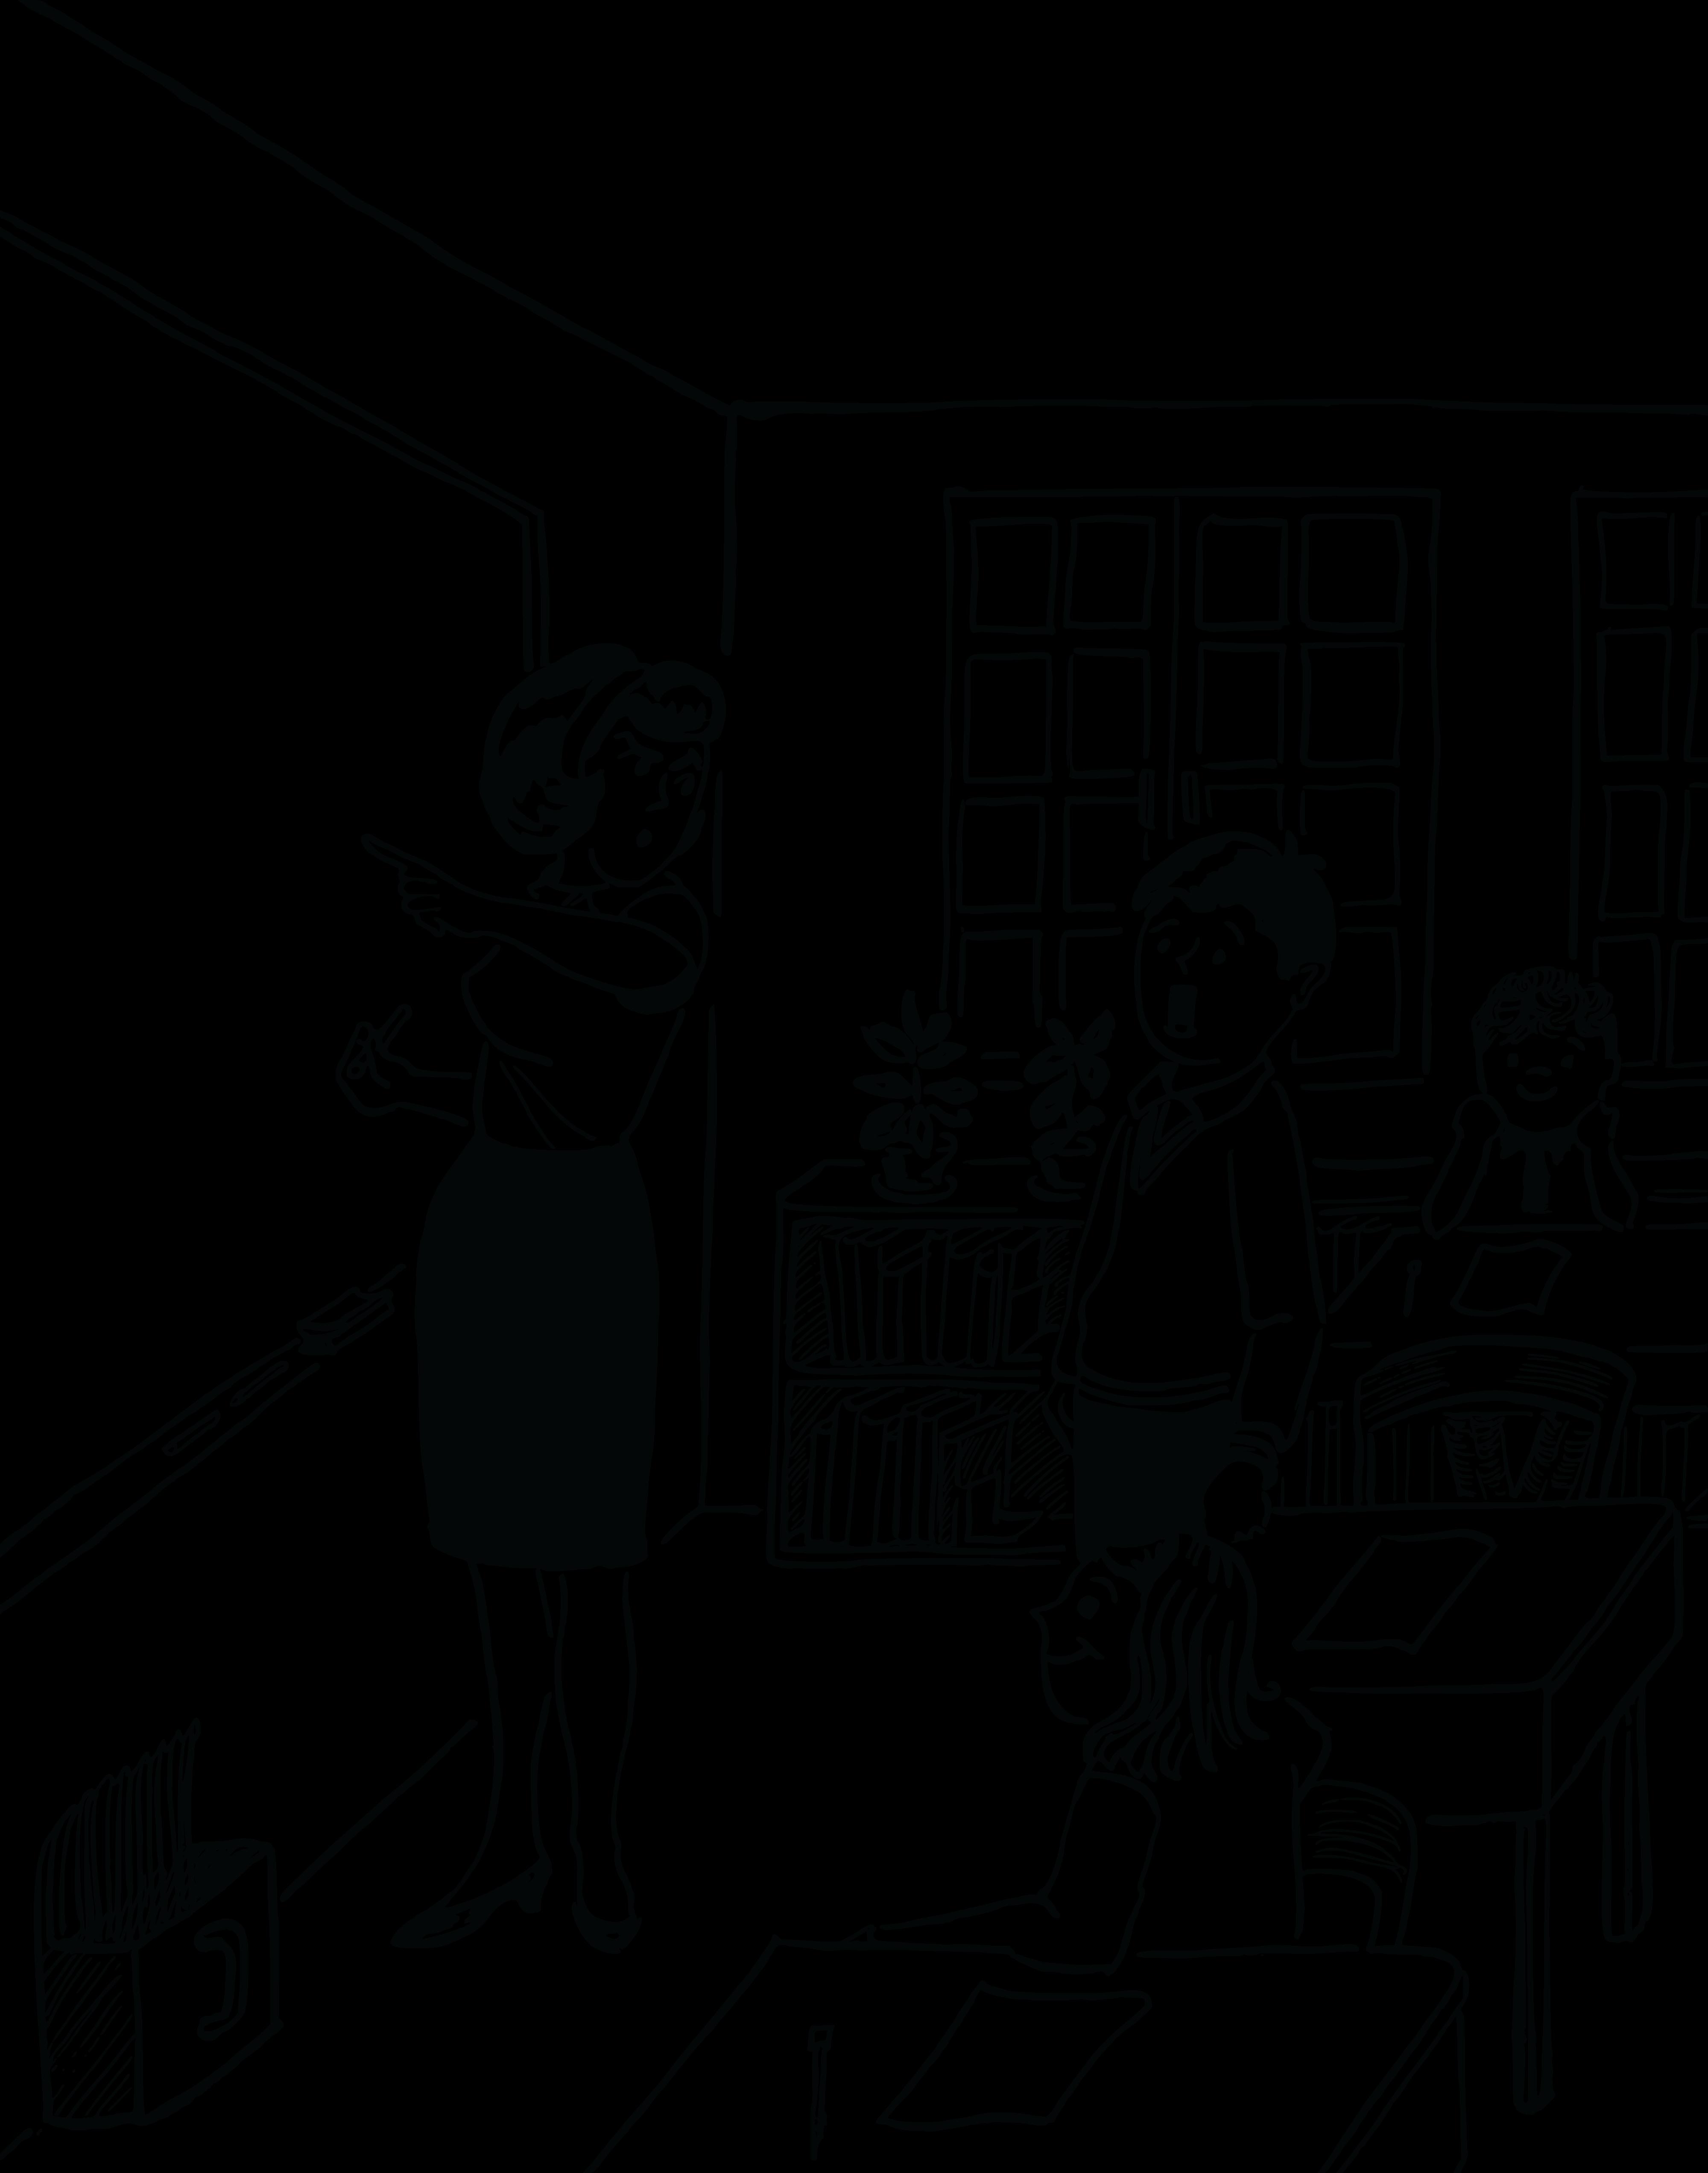 Teach clipart black and white, Picture #2113409 teach.